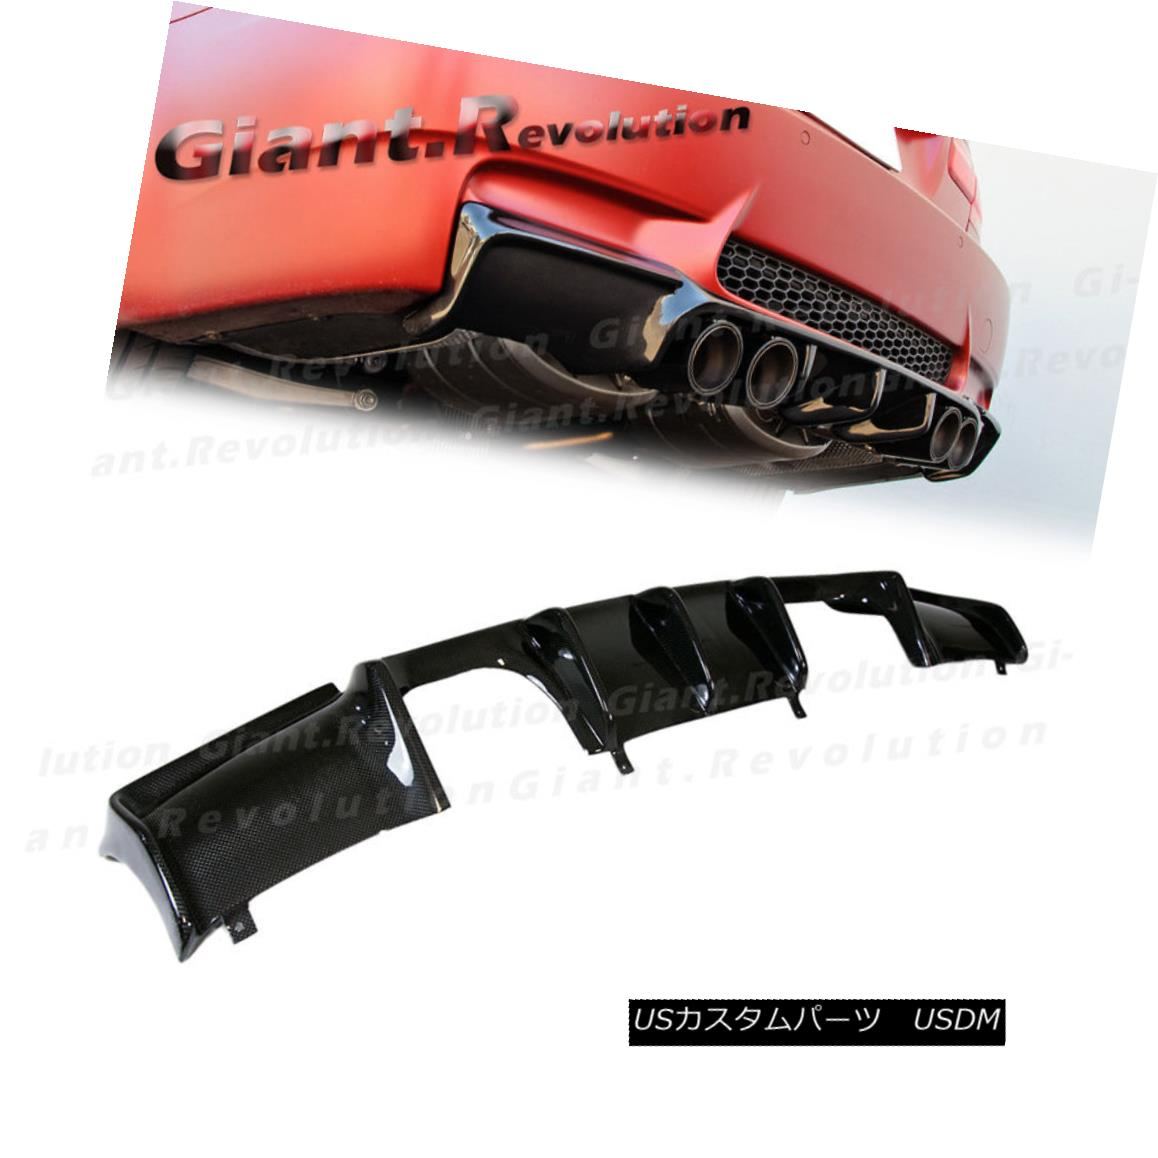 エアロパーツ Fit BW 08-13 E93 M3 Convertible 2D Carbon GT Look Rear Extension Bumper Diffuser フィットBW 08-13 E93 M3コンバーチブル2DカーボンGTルーフエクステンションバンパーディフューザー